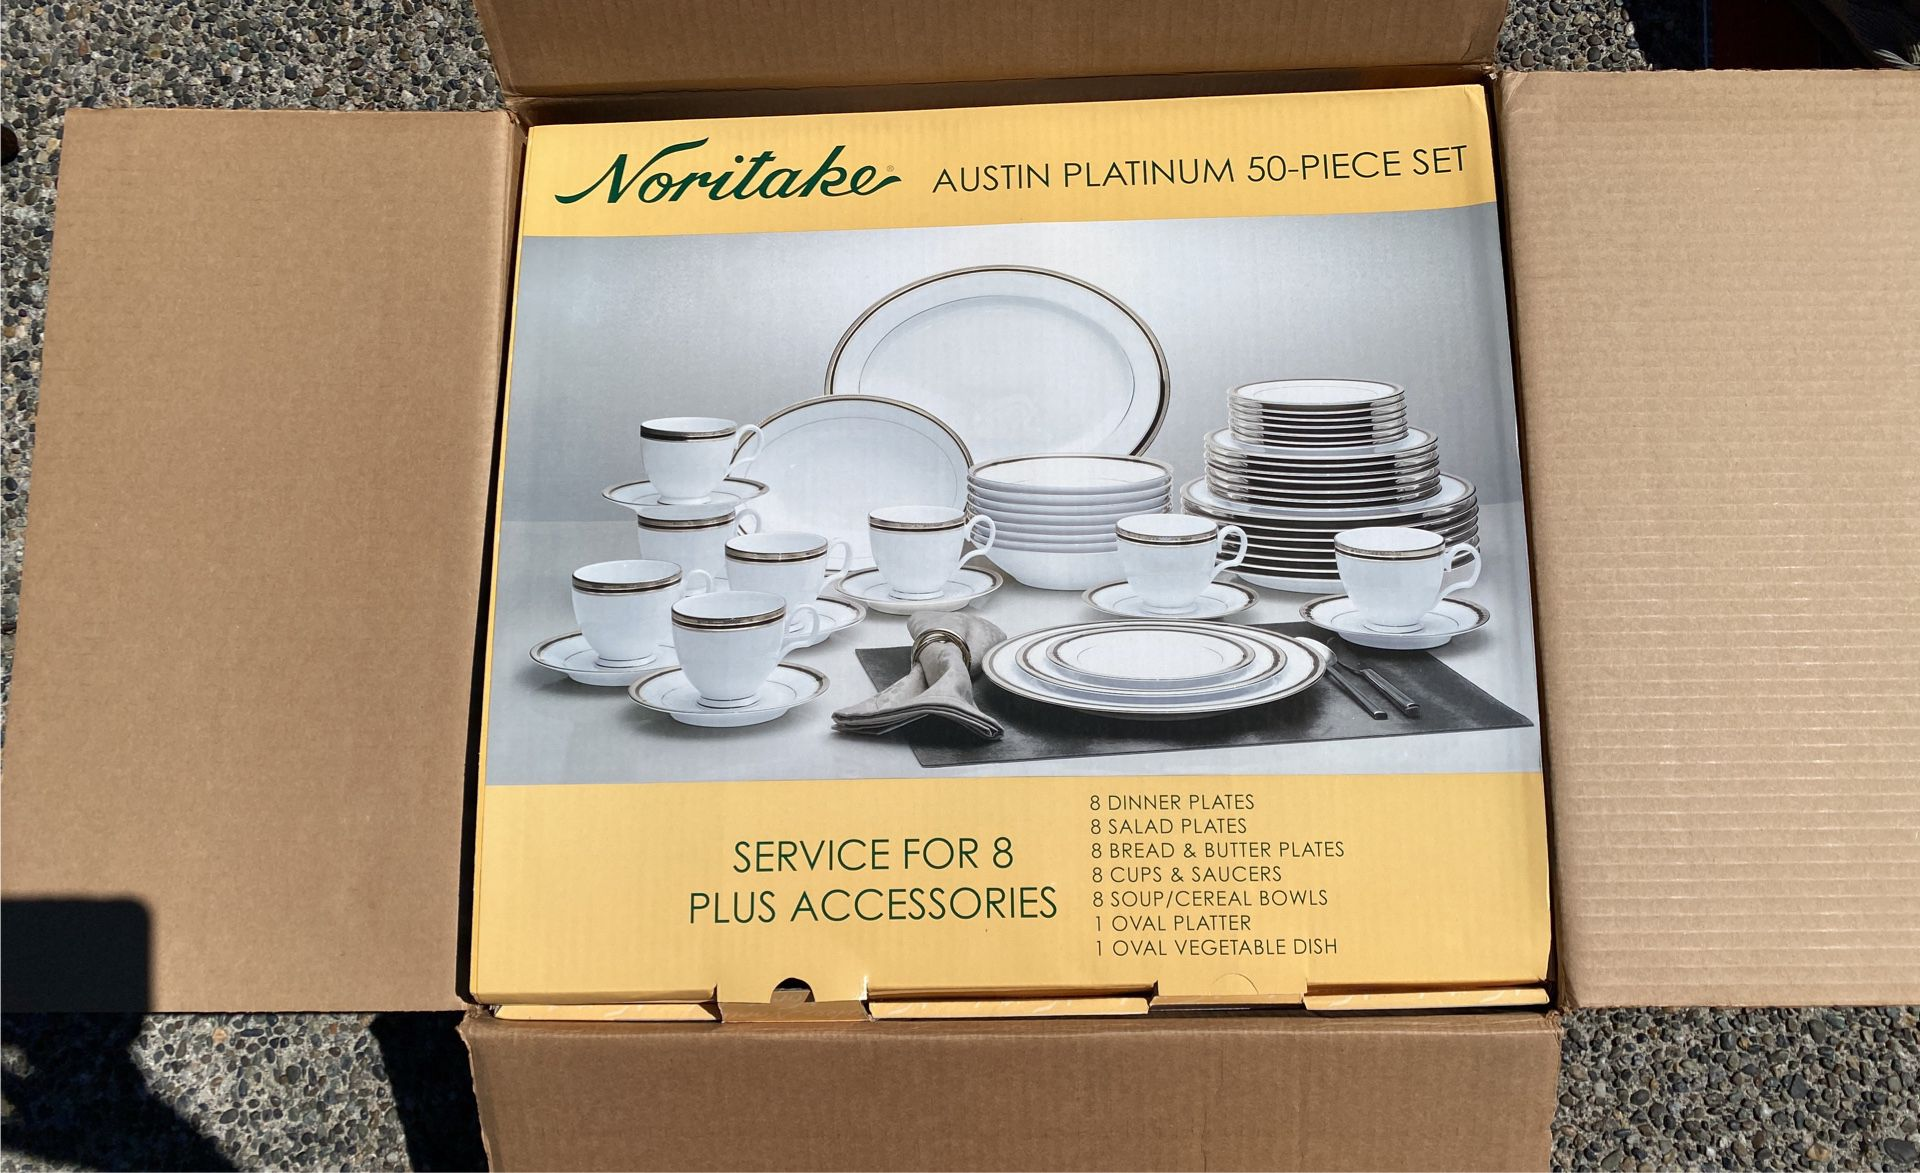 Noritake 50 Piece Set